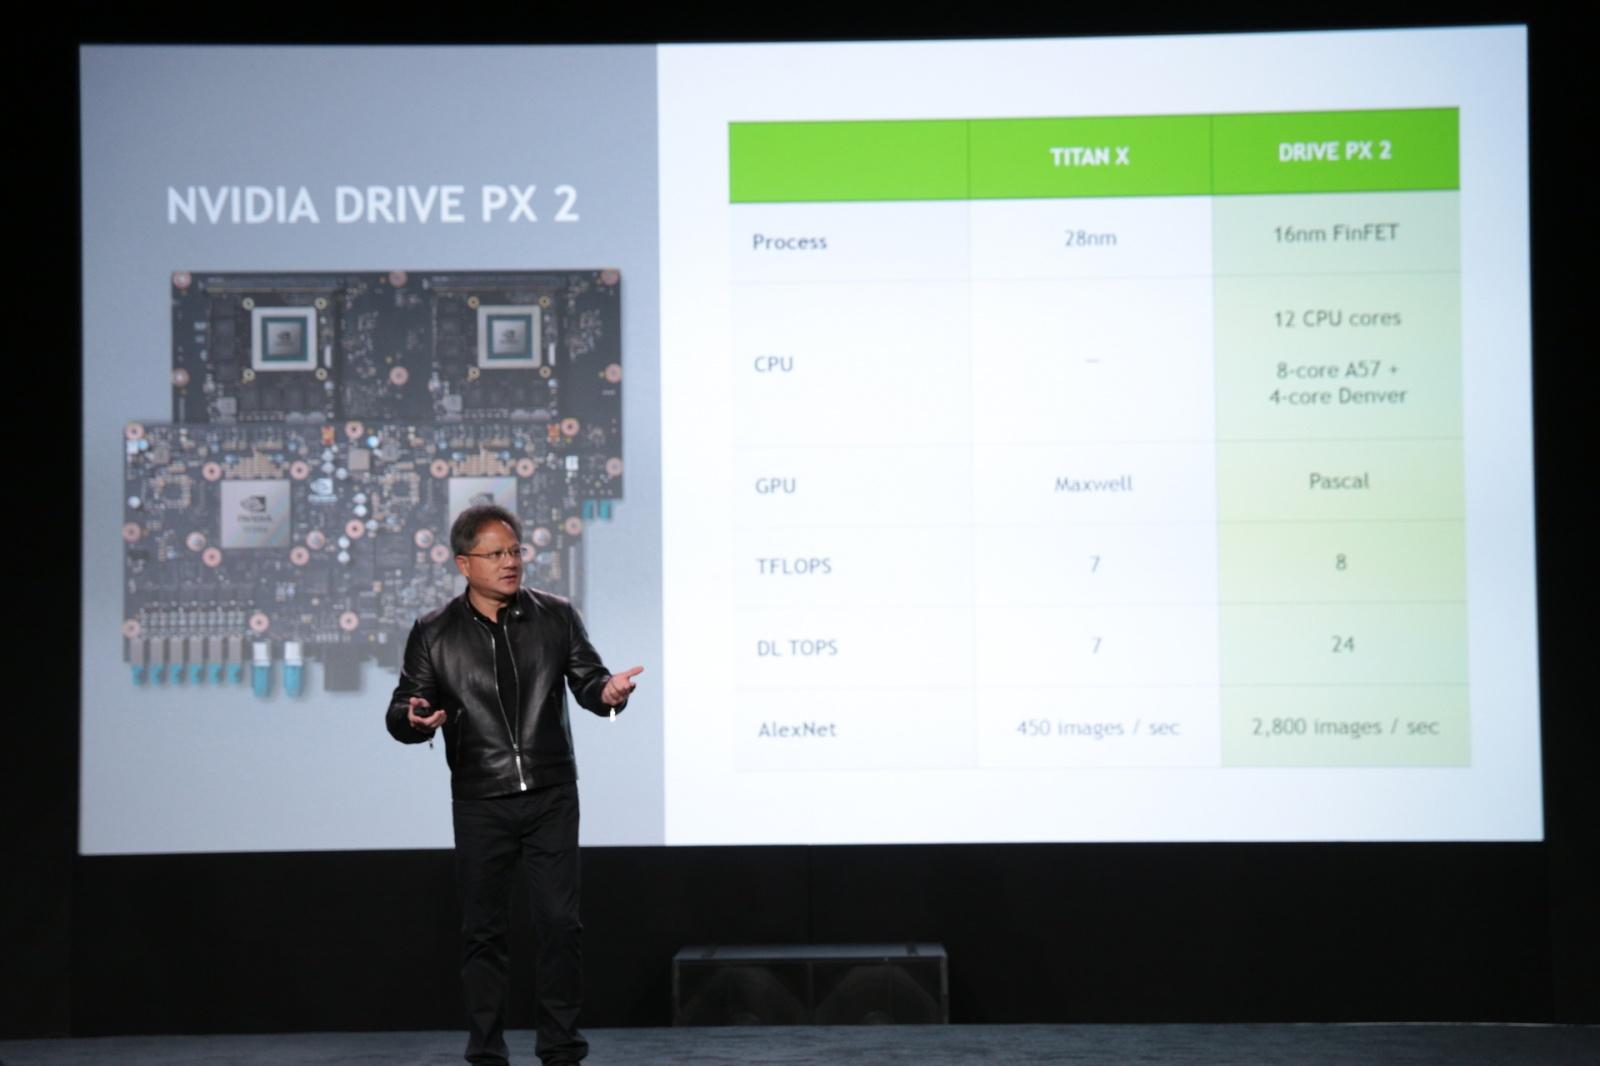 Автомобильный суперкомпьютер Drive PX 2 от Nvidia для автономного вождения - 3